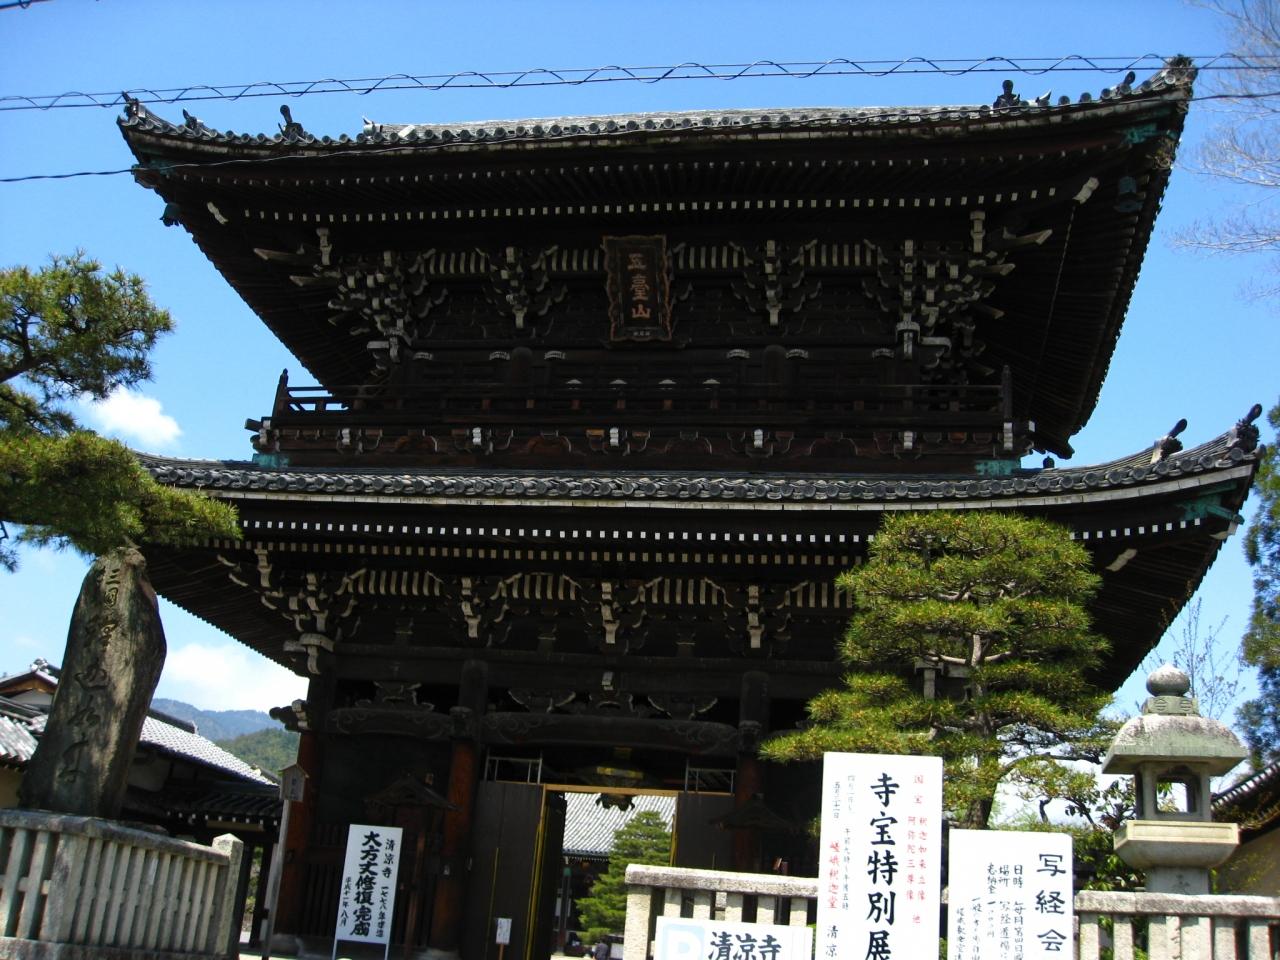 源氏物語に釈迦如来像、興味深々、清涼寺